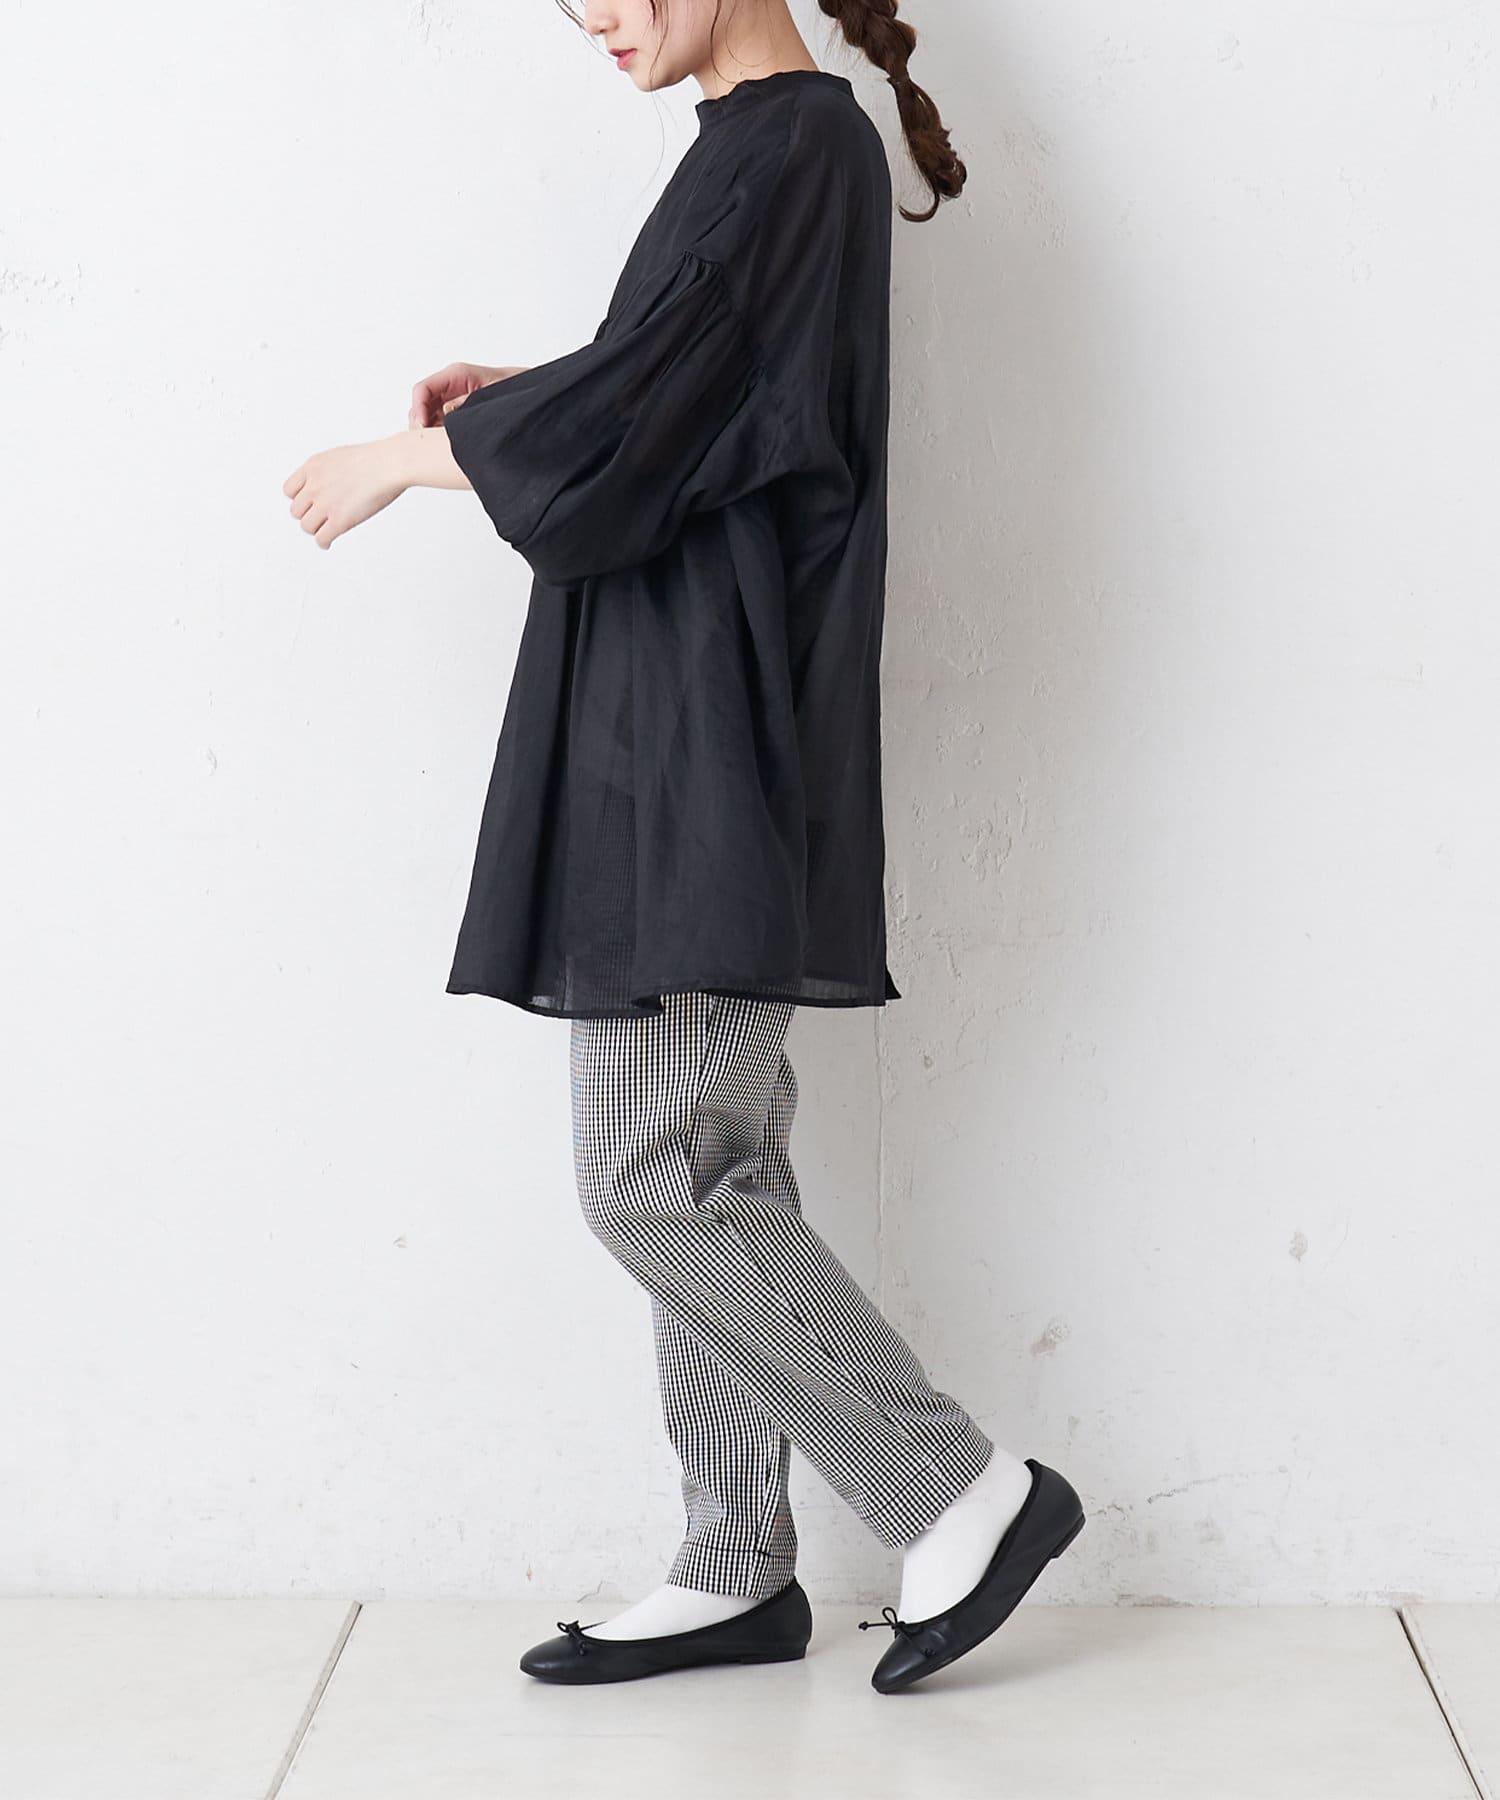 pual ce cin(ピュアルセシン) 【Du noir・WEB限定】袖ボリュームがかわいい♡2WAYブラウス